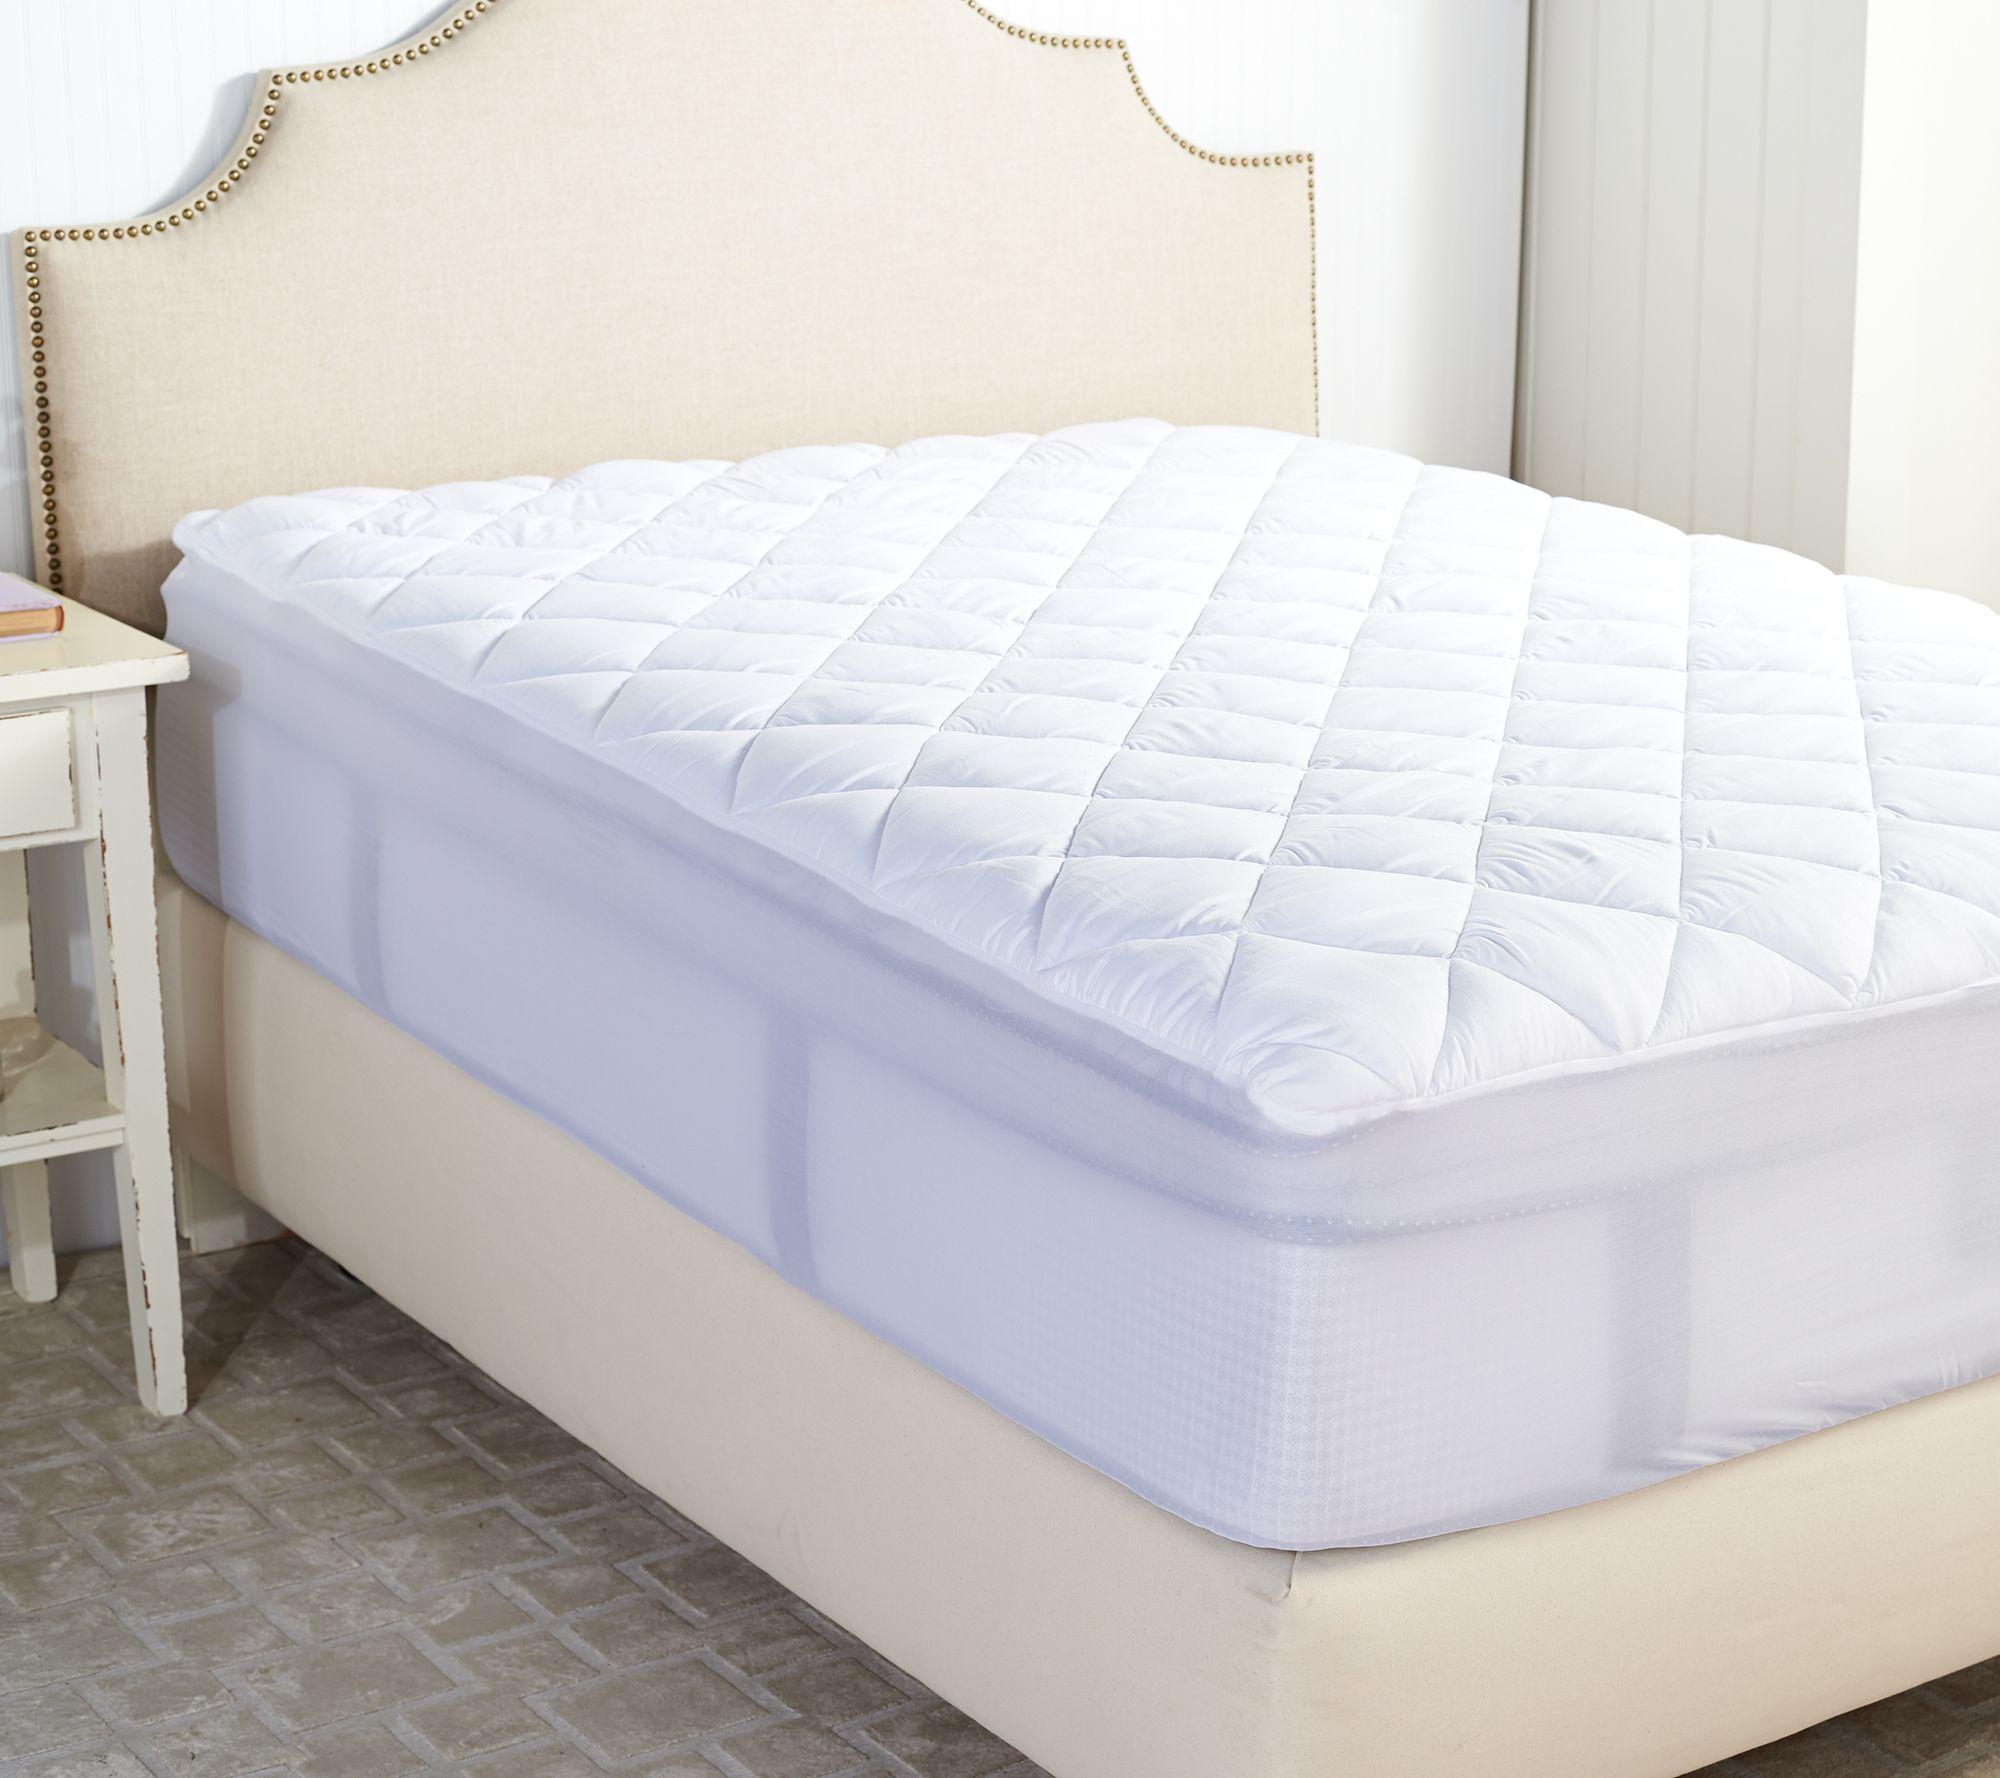 Serta Perfect Sleeper Twin Mattress Pad with Nanotex Technology